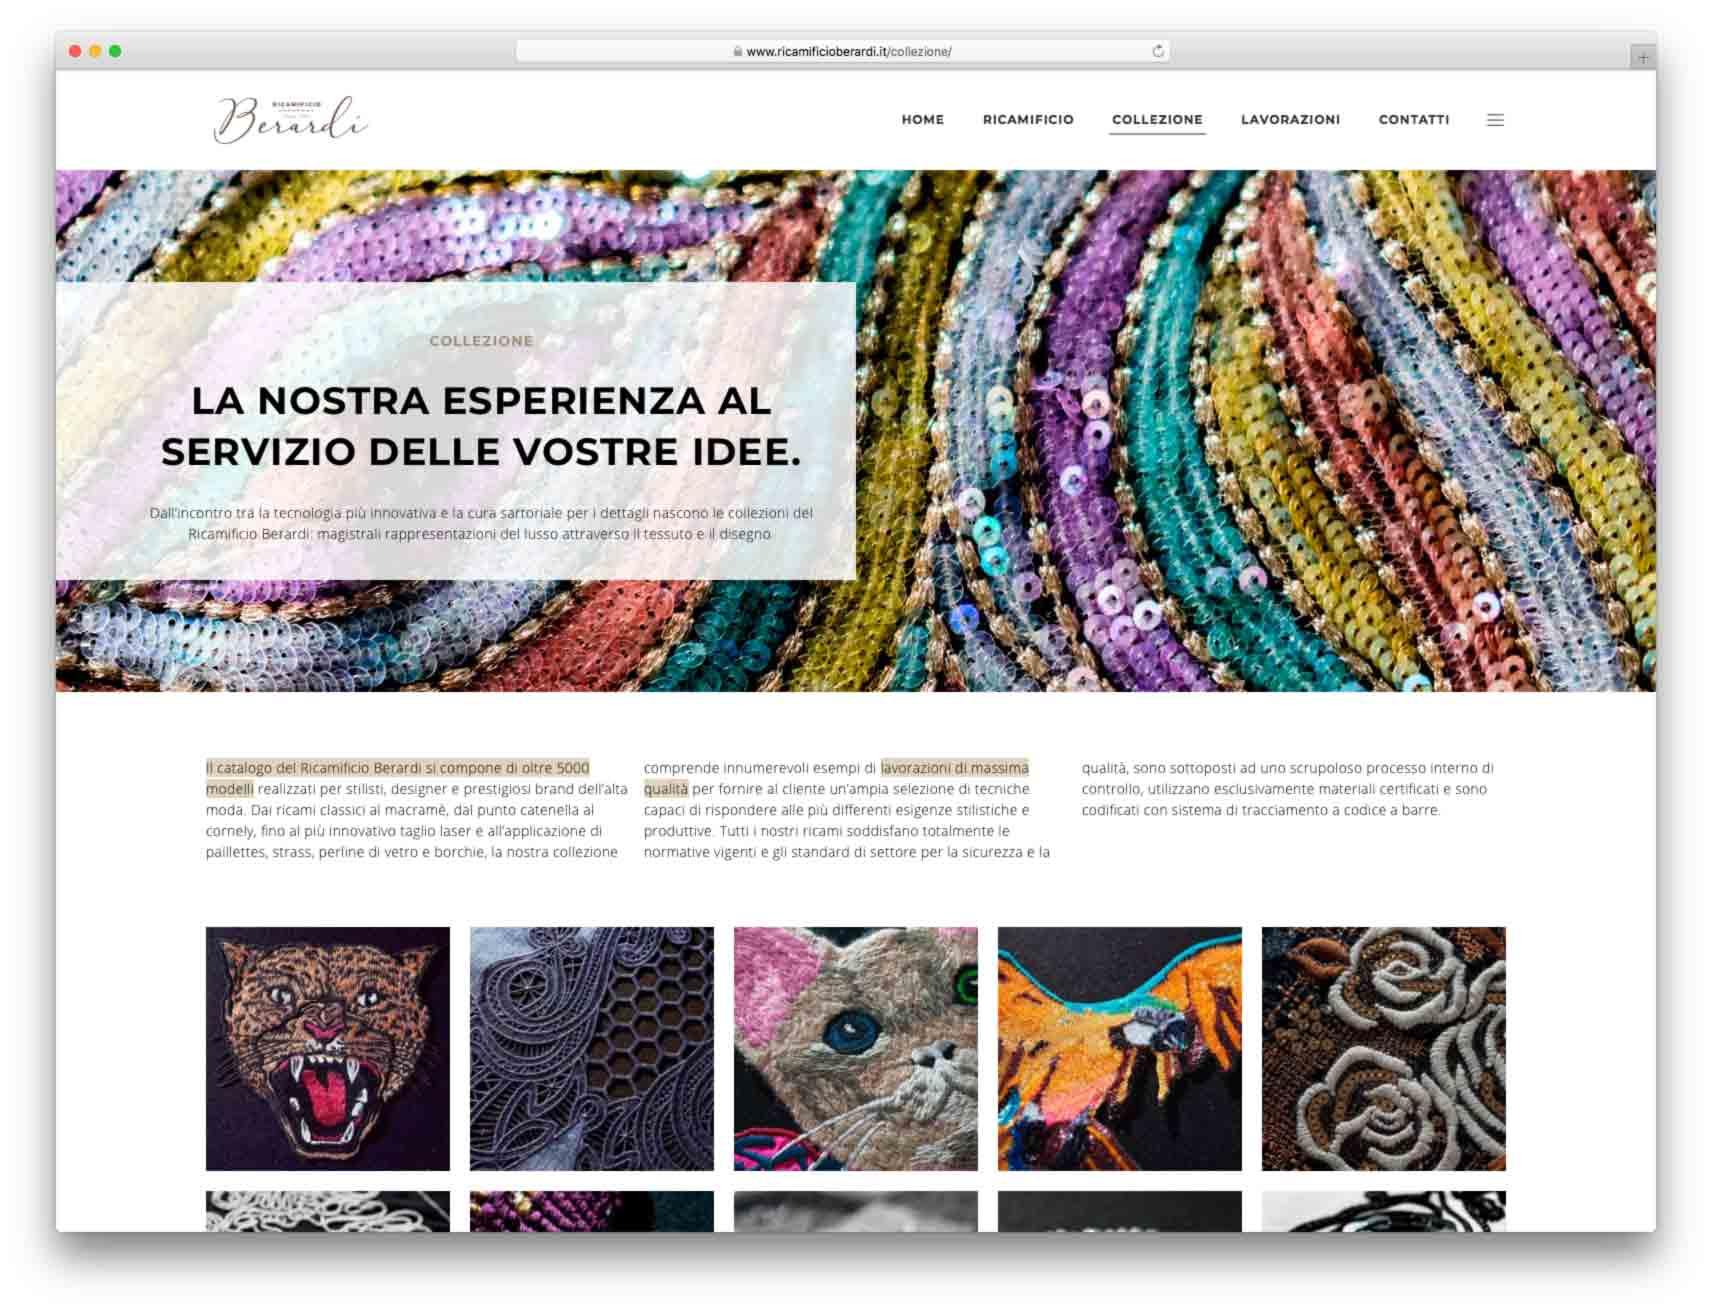 creazione siti web brescia - Agenzia P - sito web Ricamificio Berardi